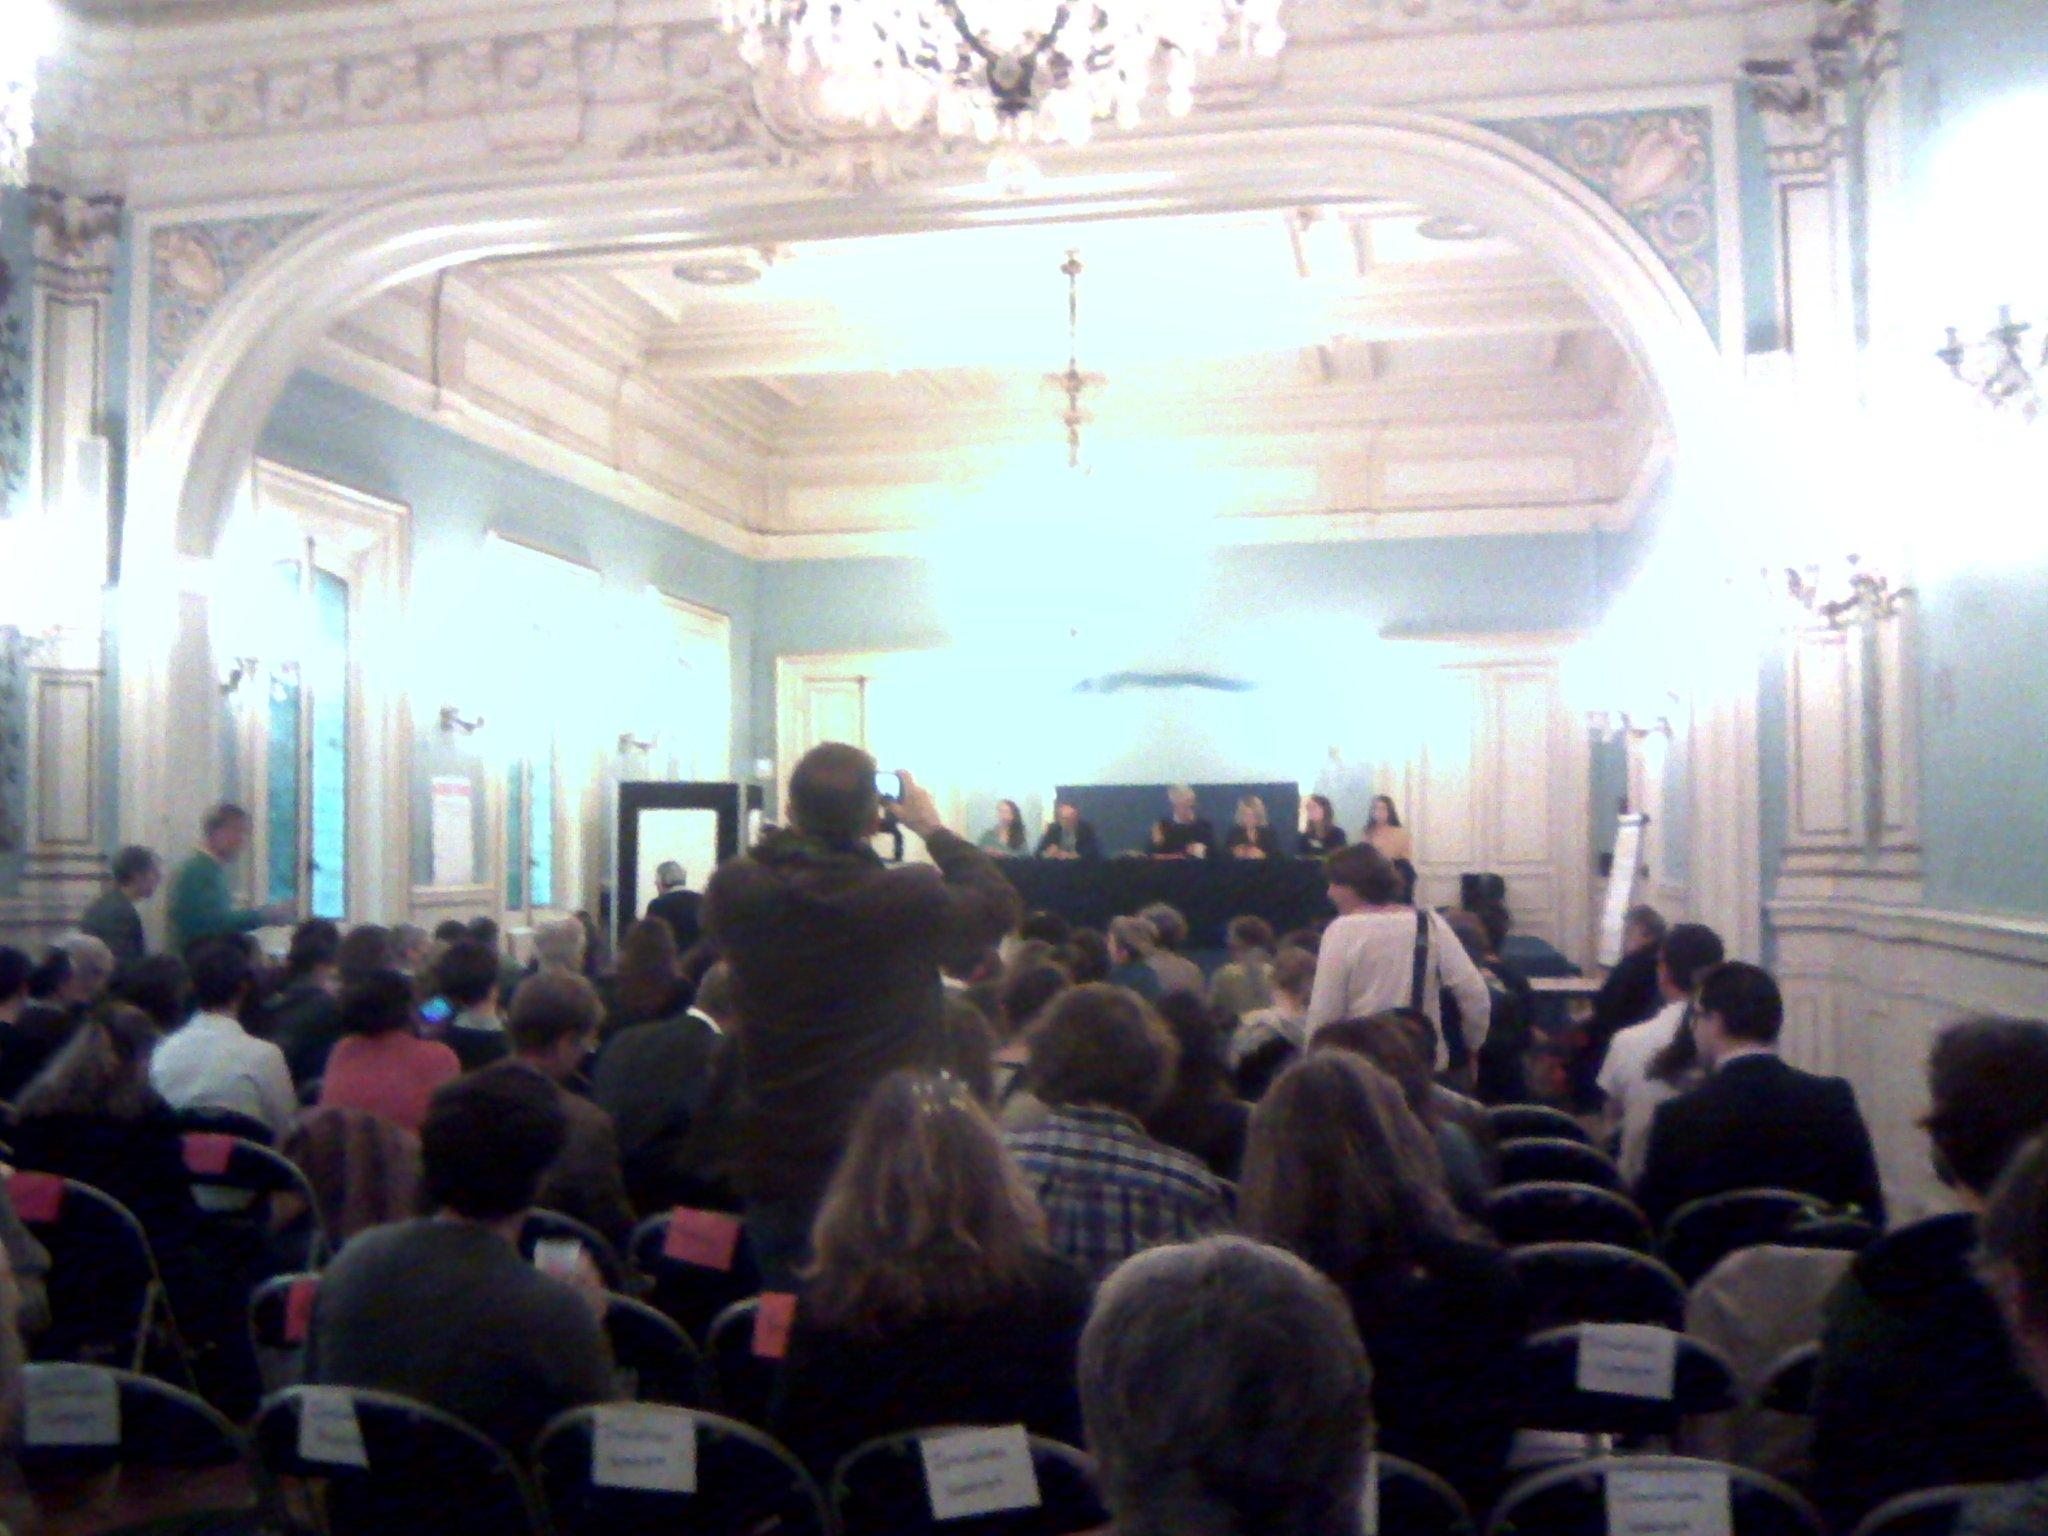 Ouverture des 4e assises de #eedd #mobilisons-nous https://t.co/91gUZSJvLg